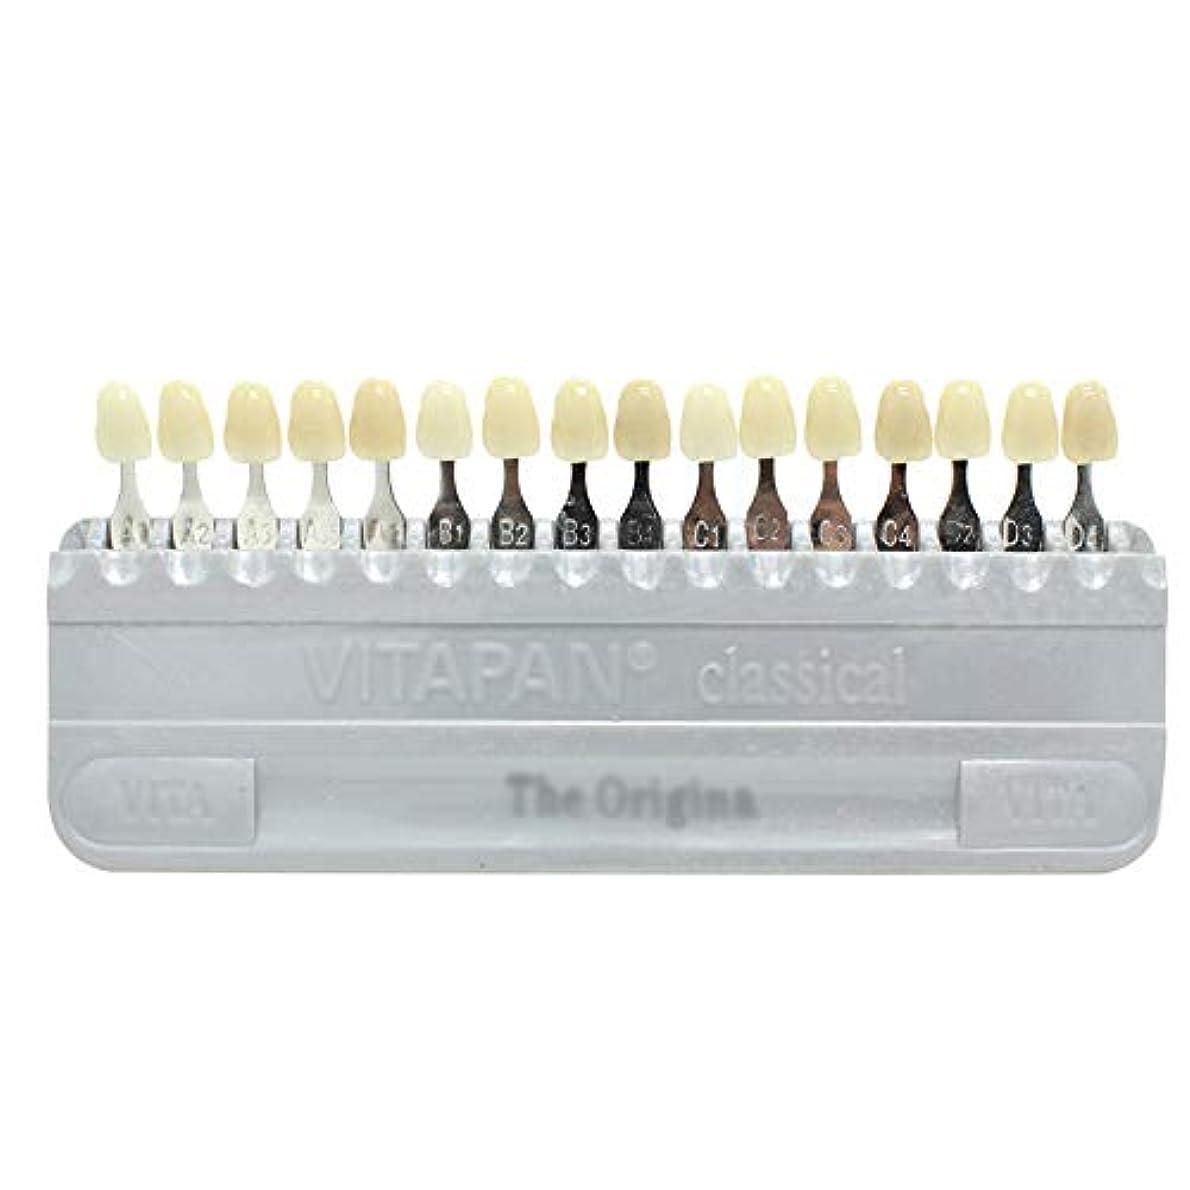 PochiDen 歯科ホワイトニング用シェードガイド 16色 3D 歯列模型ボード